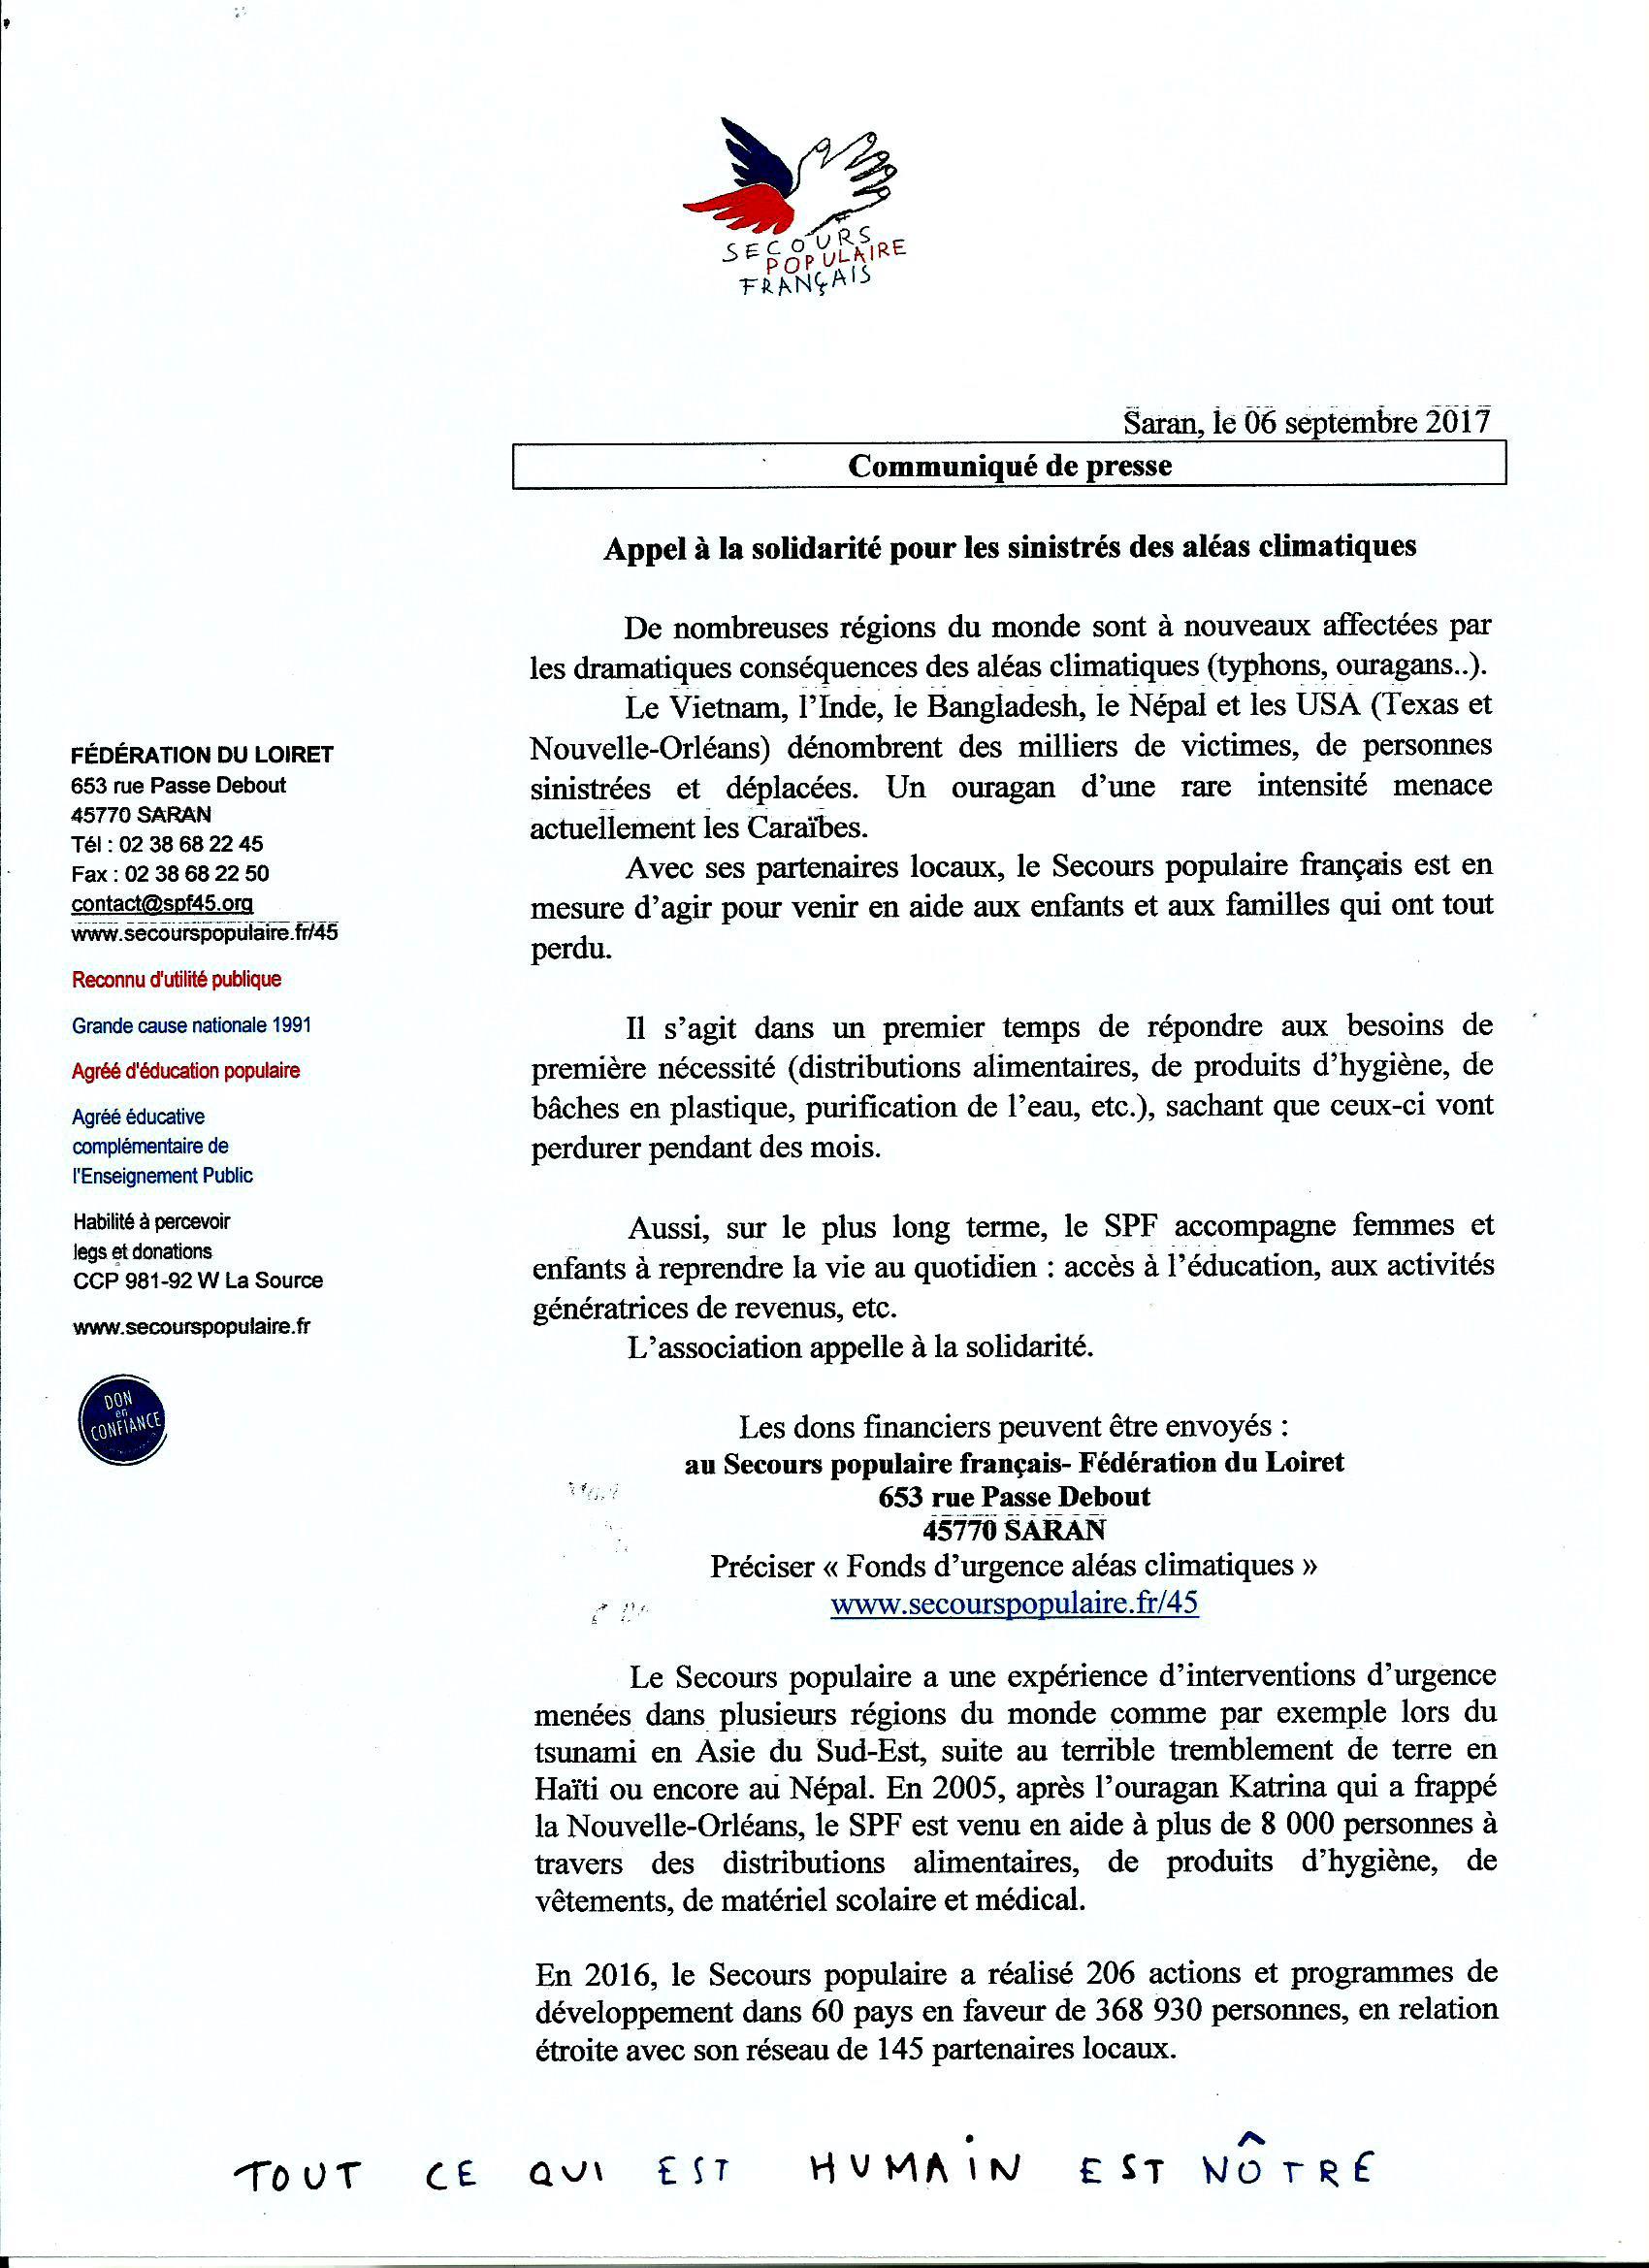 Scan Communiqué de presse Secours Populaire Français 45 (06.09.jpg